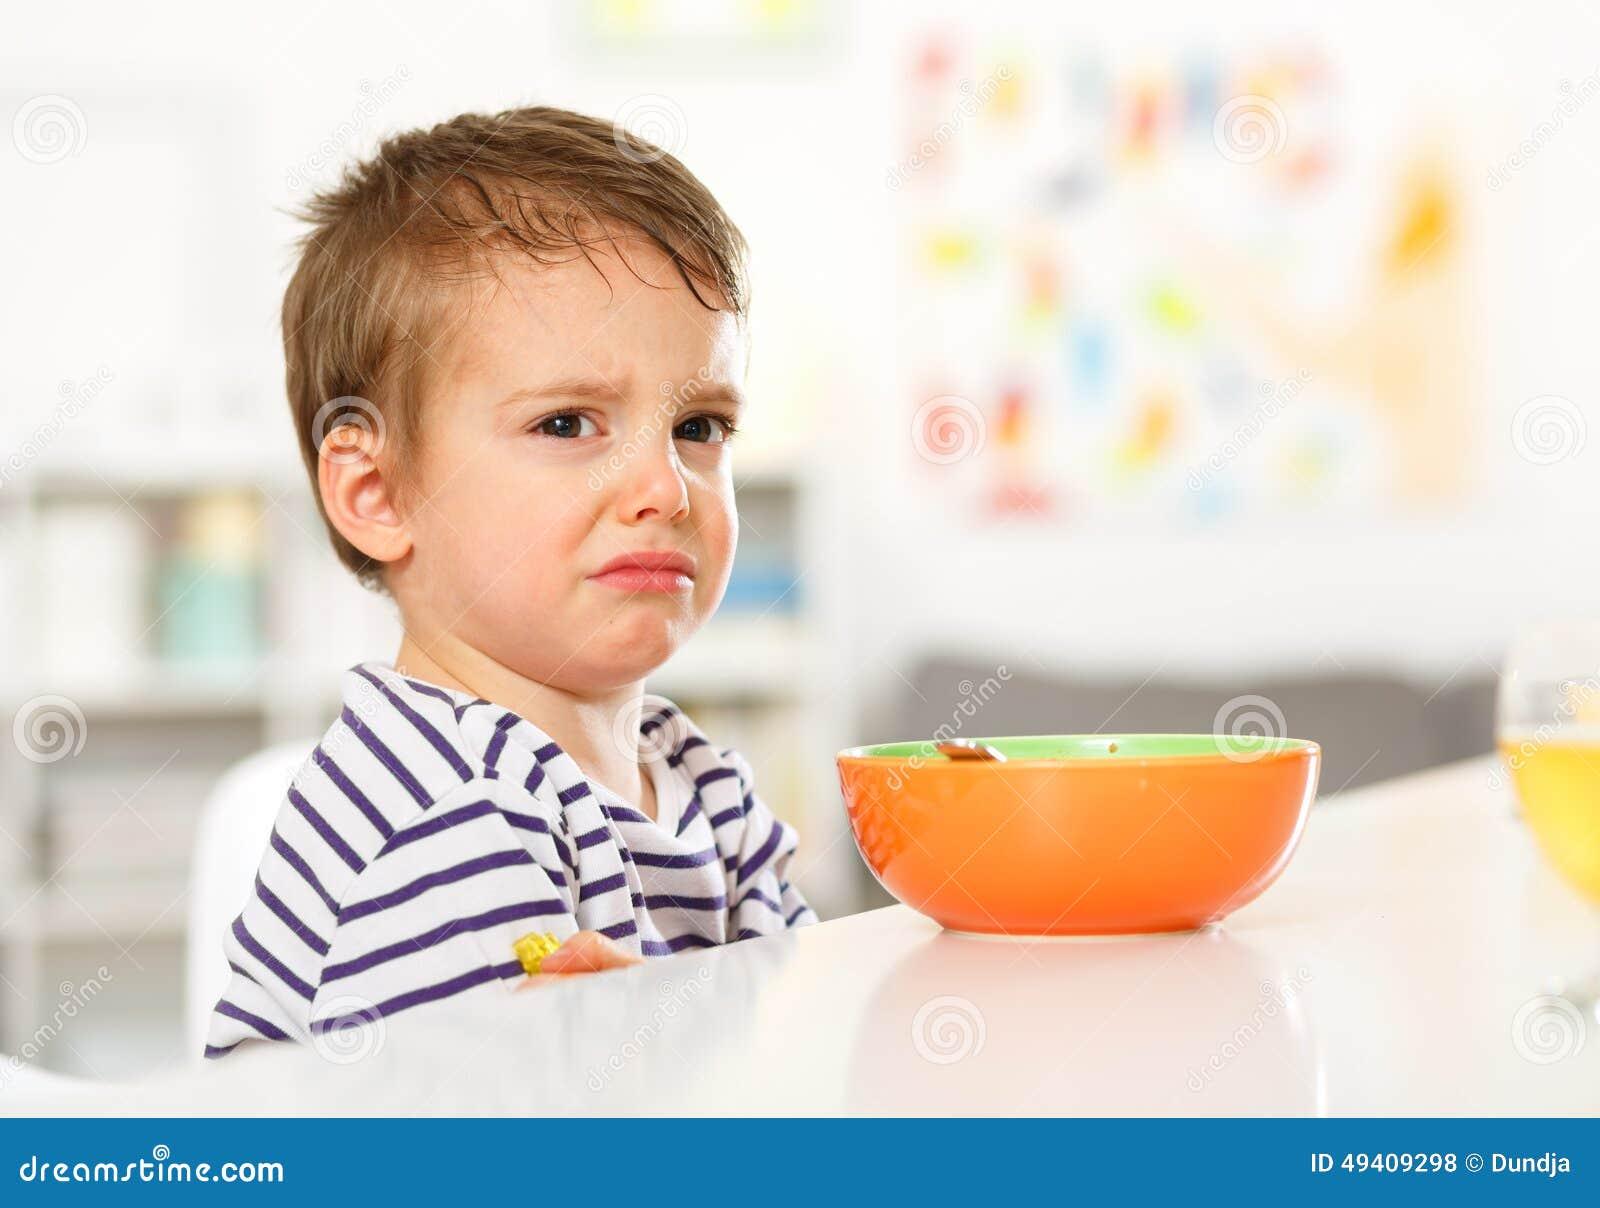 Download Junge möchte nicht essen stockfoto. Bild von ablehnung - 49409298